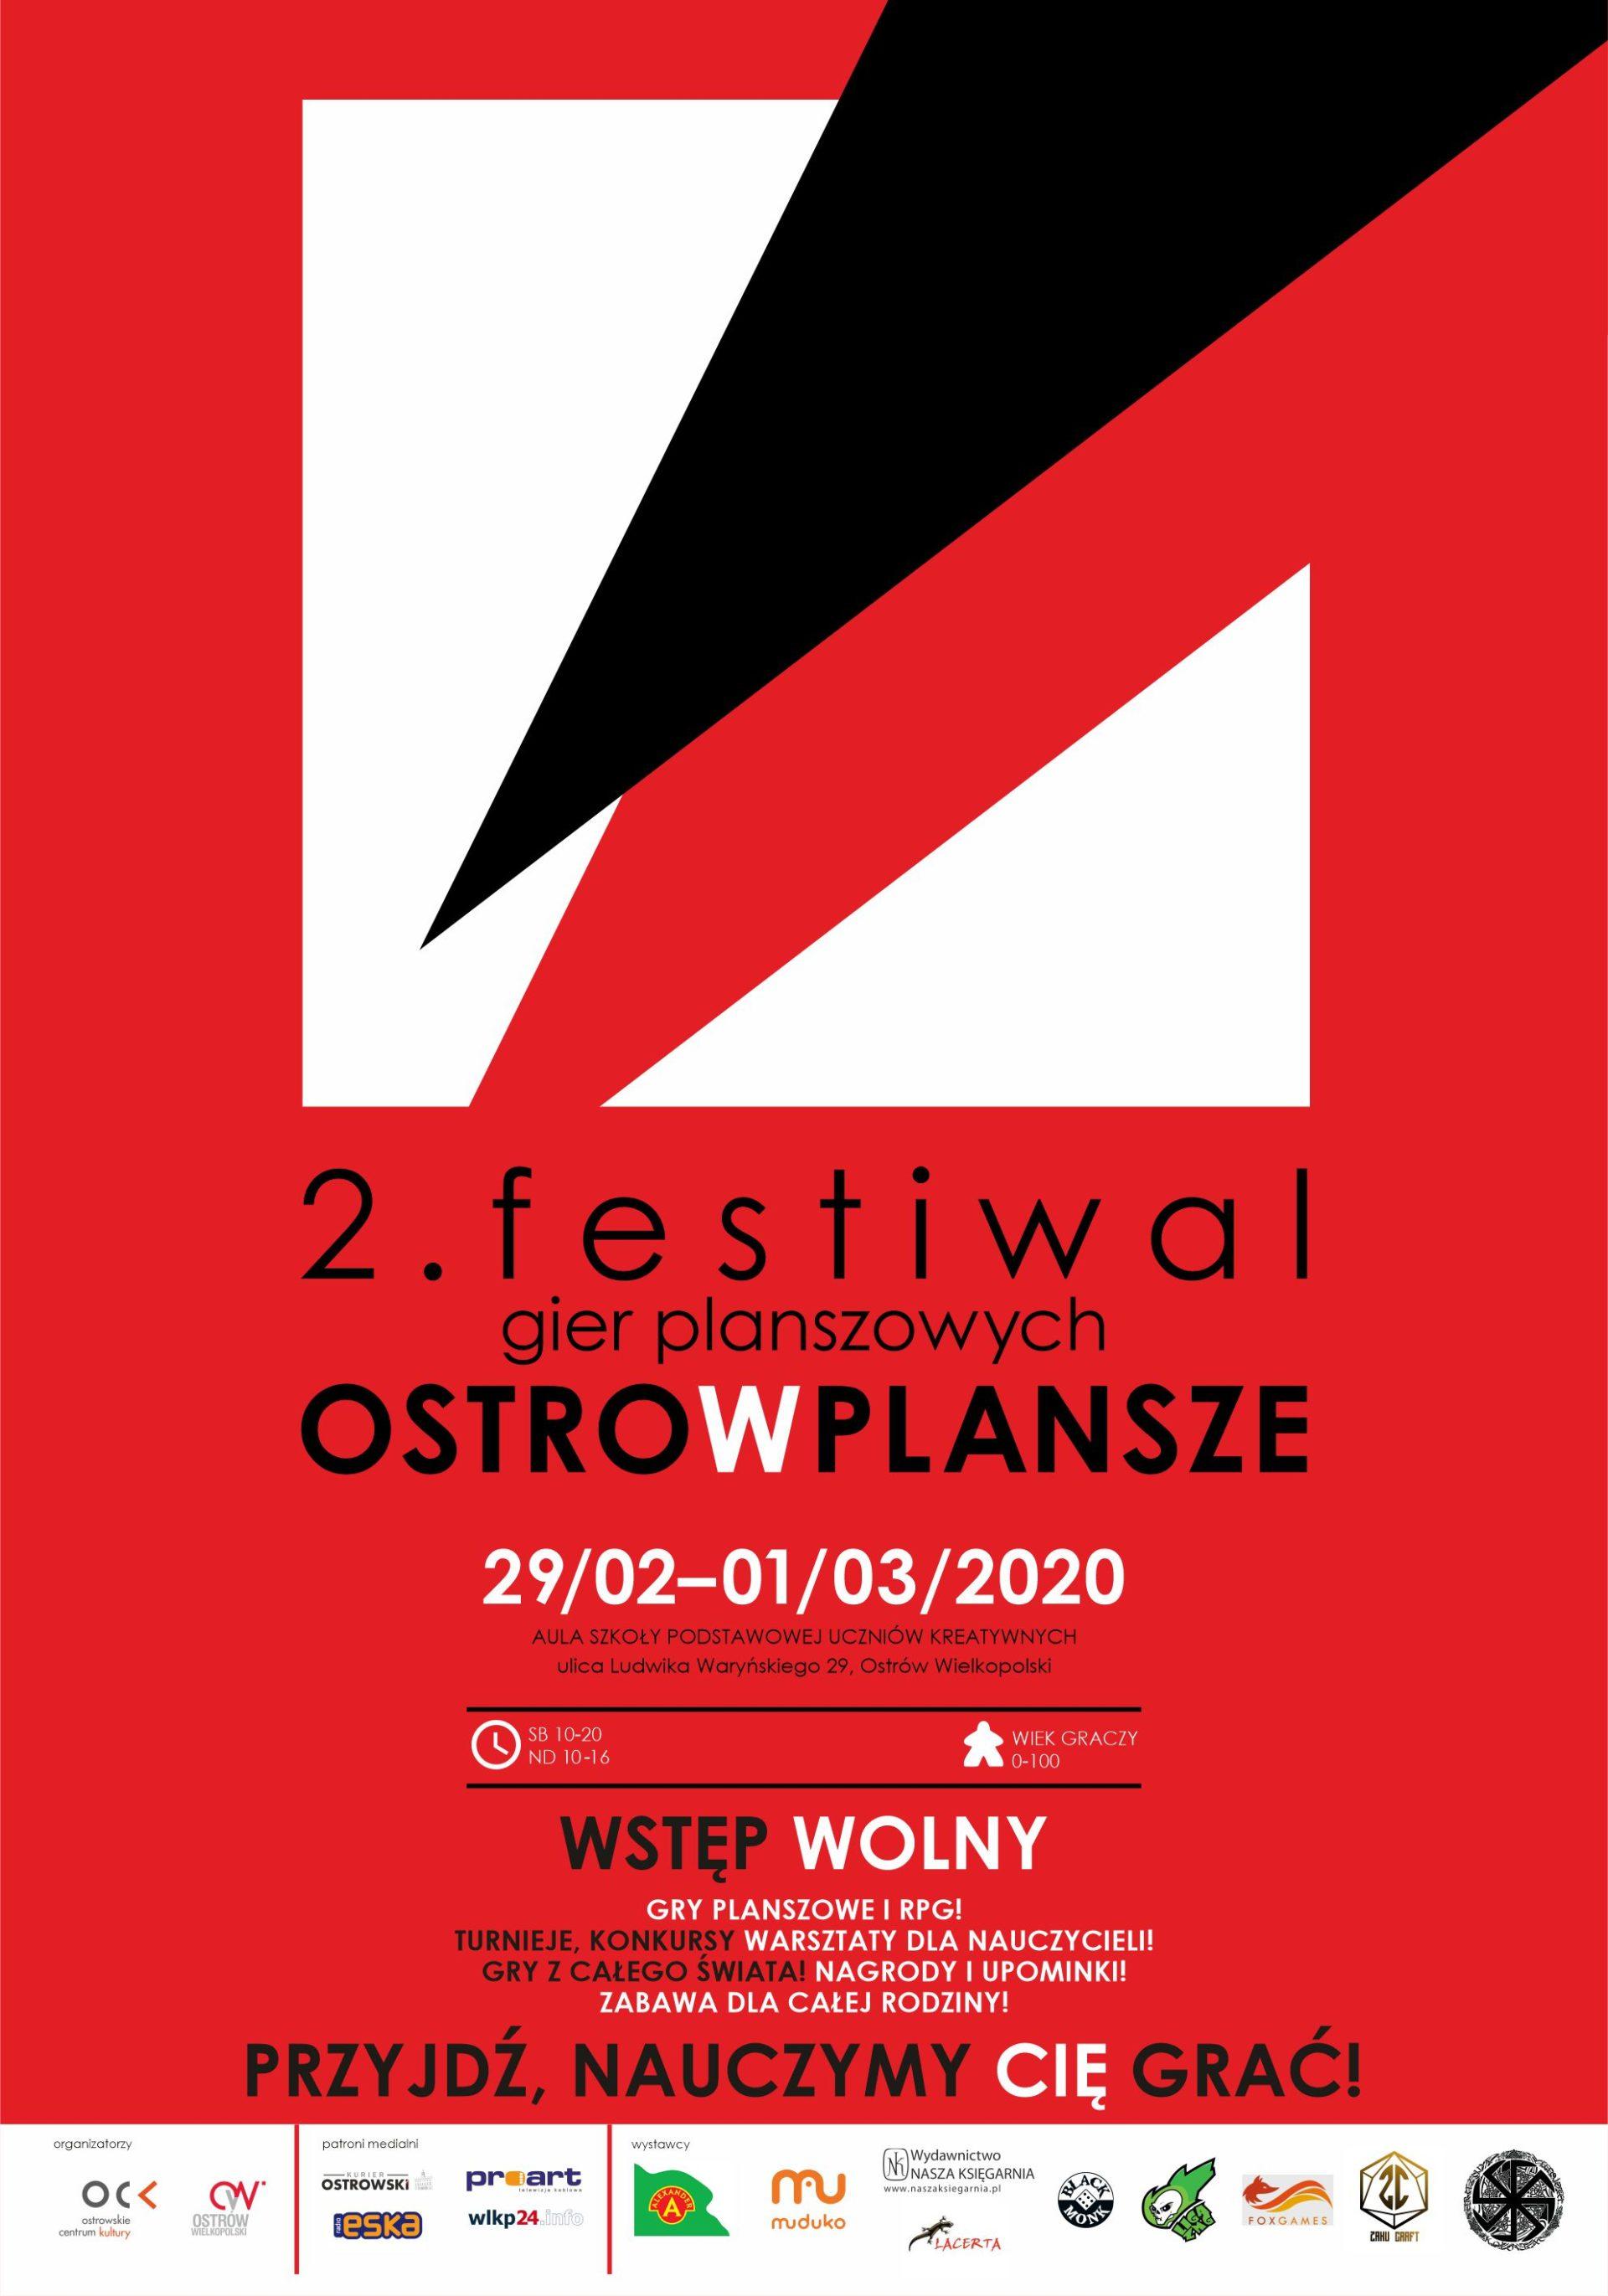 2. Festiwal Gier Planszowych OSTROwPLANSZE